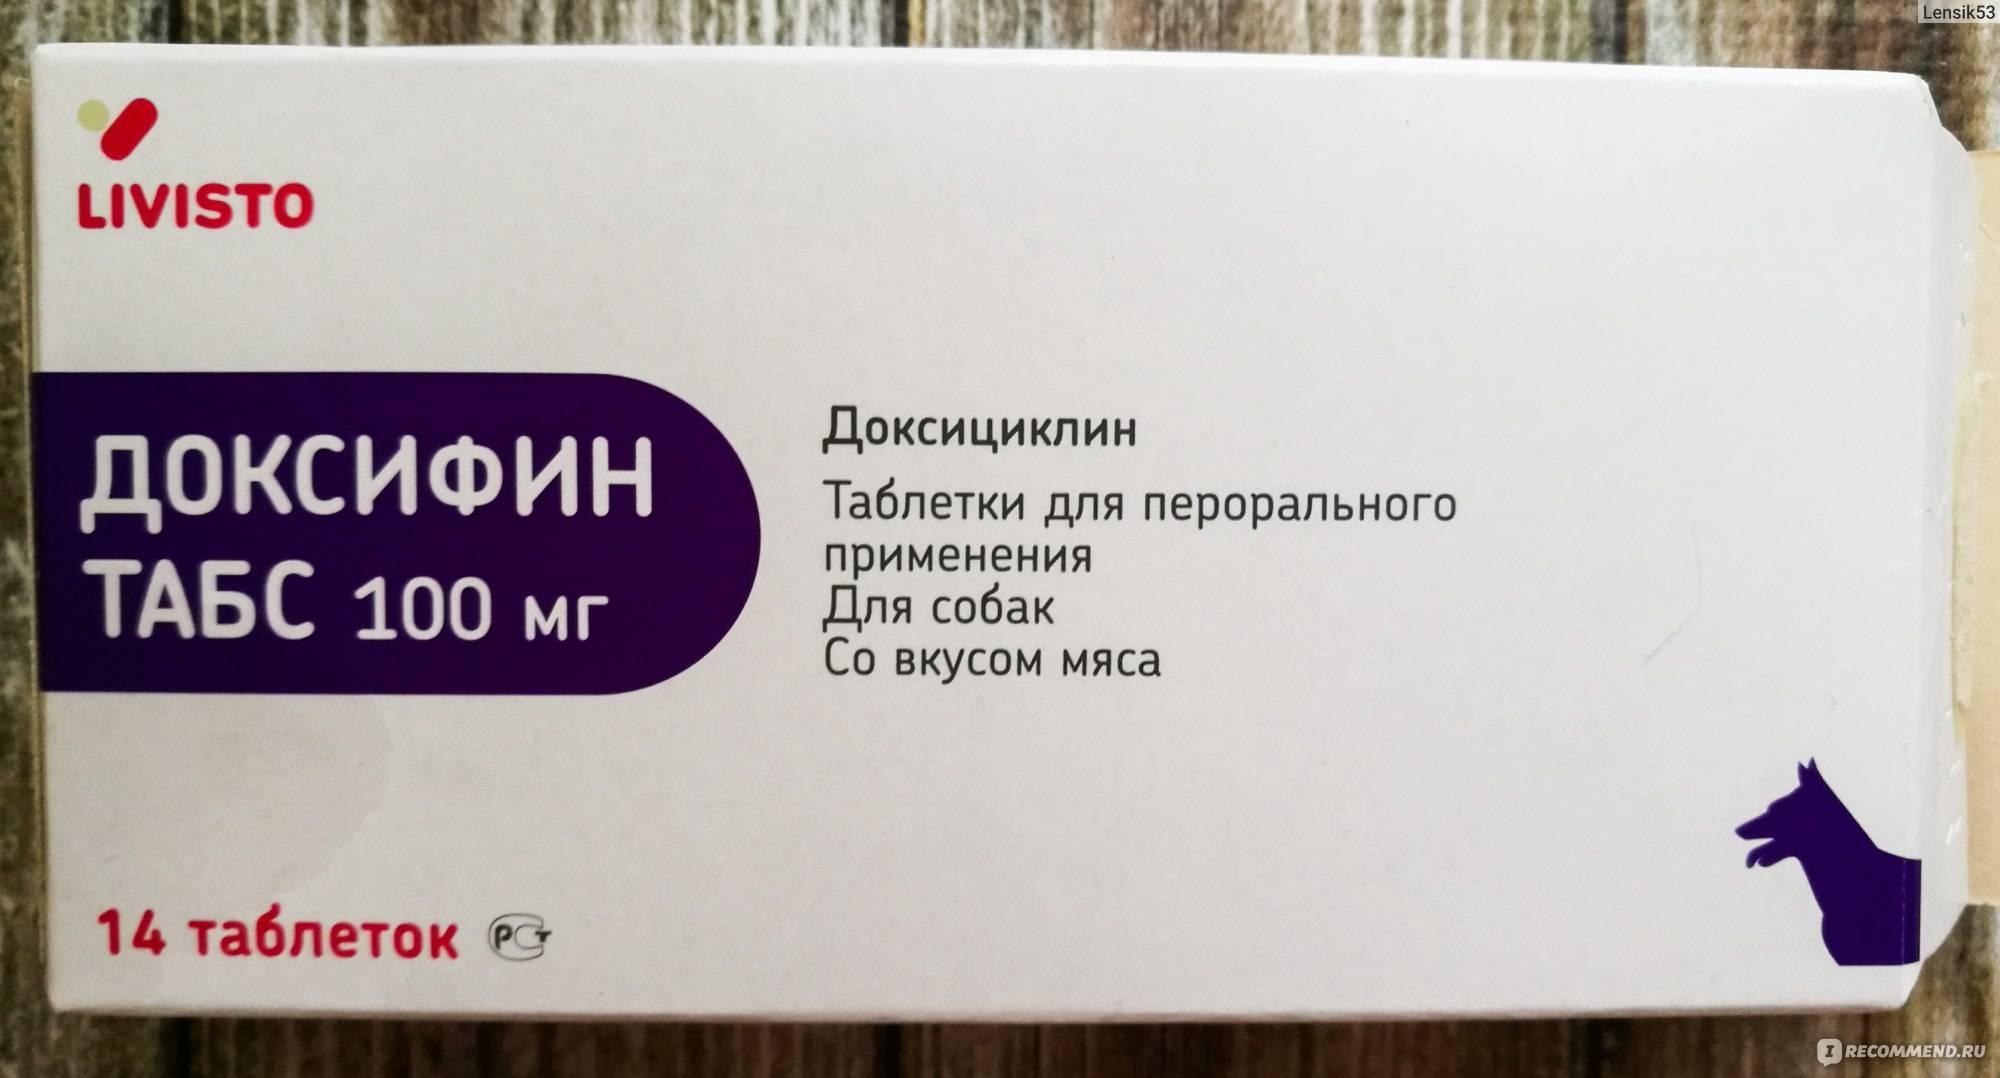 Доксициклин для кошек - инструкция по применению препарата